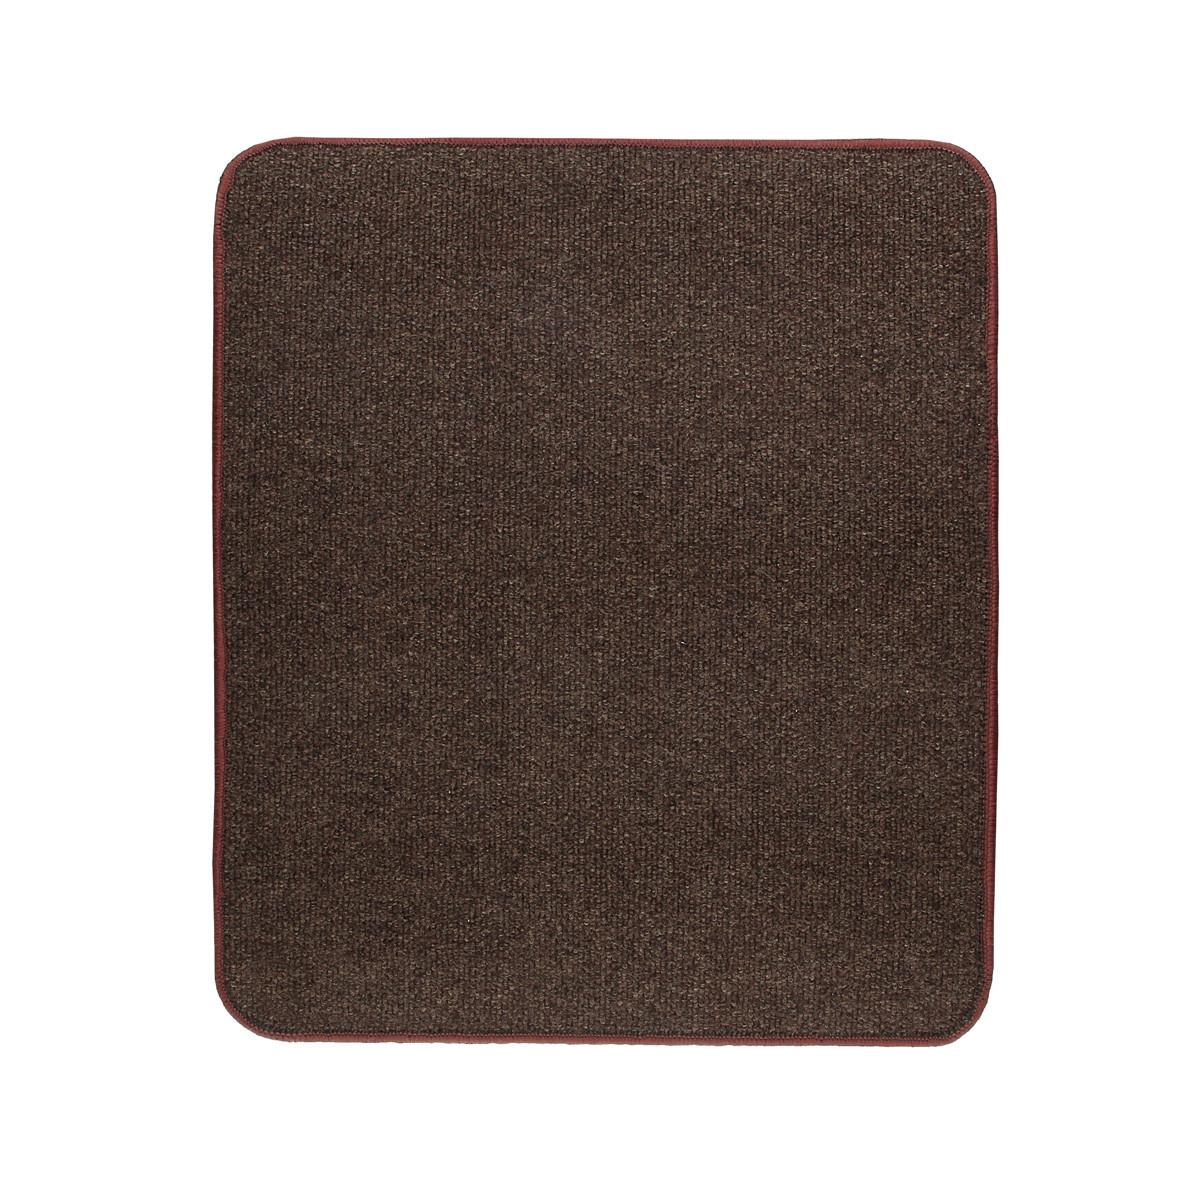 Електричний килимок з підігрівом Теплик двосторонній 50 х 60 см Темно-коричневий